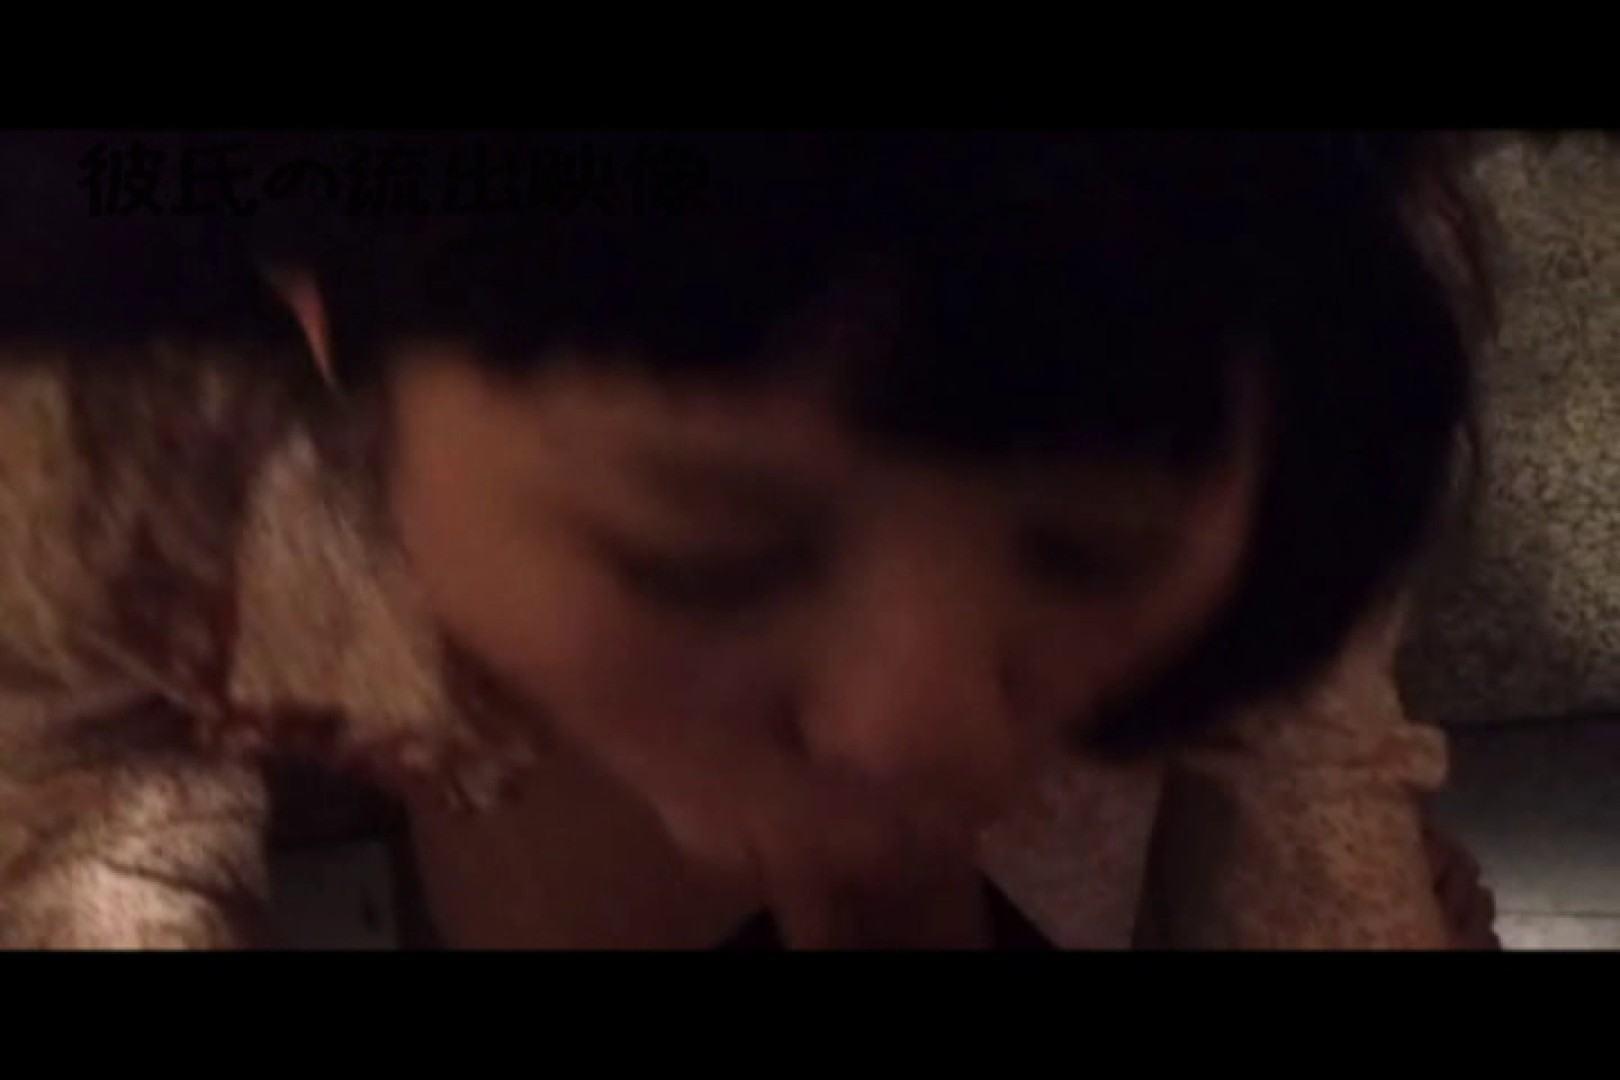 彼氏が流出 パイパン素人嬢のハメ撮り映像03 カップル  36連発 25